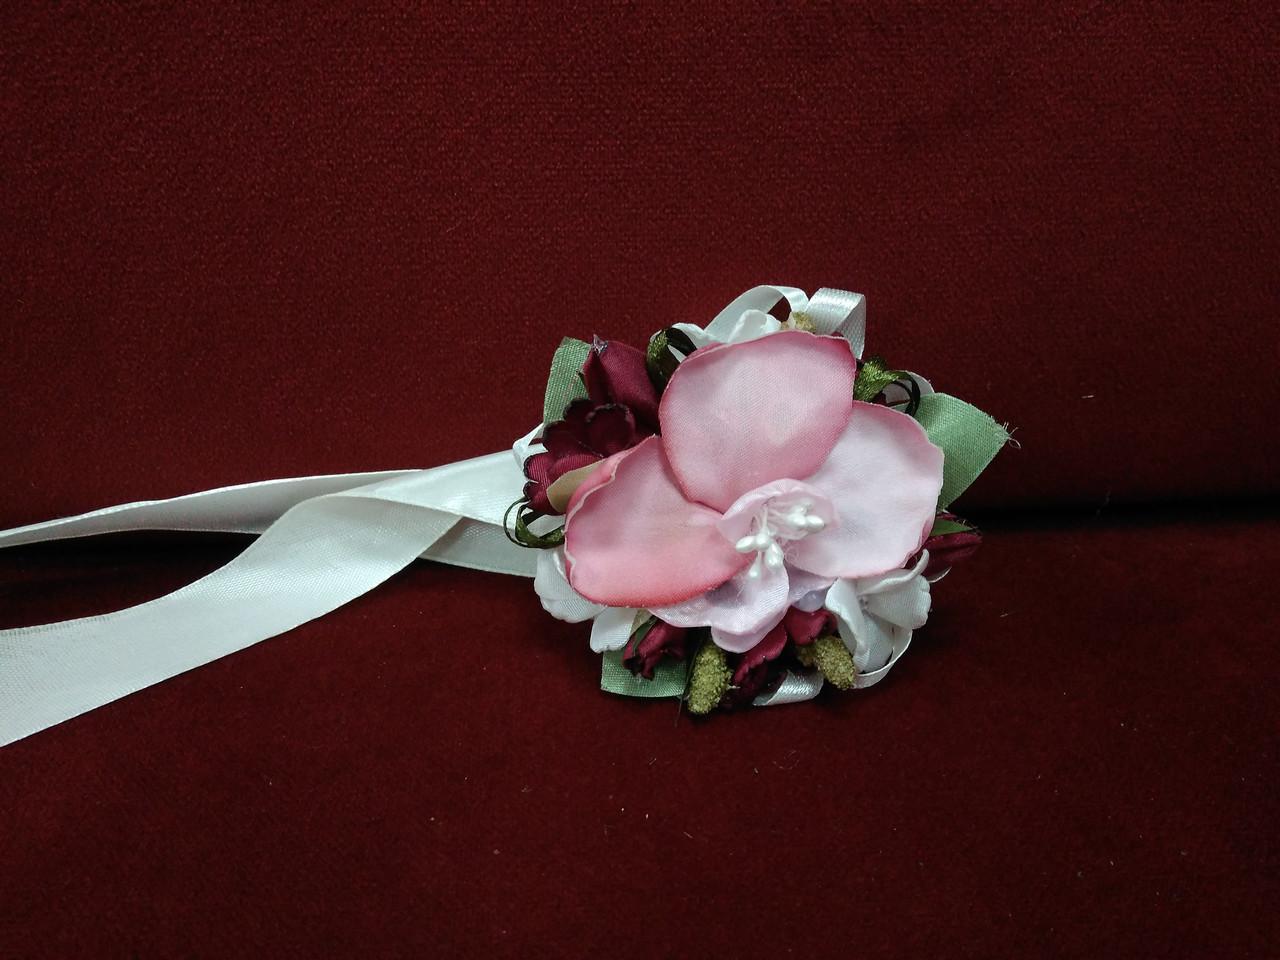 Бутоньерка на руку (цветочный браслет) из орхидеи розовая с бордовым (марсала)